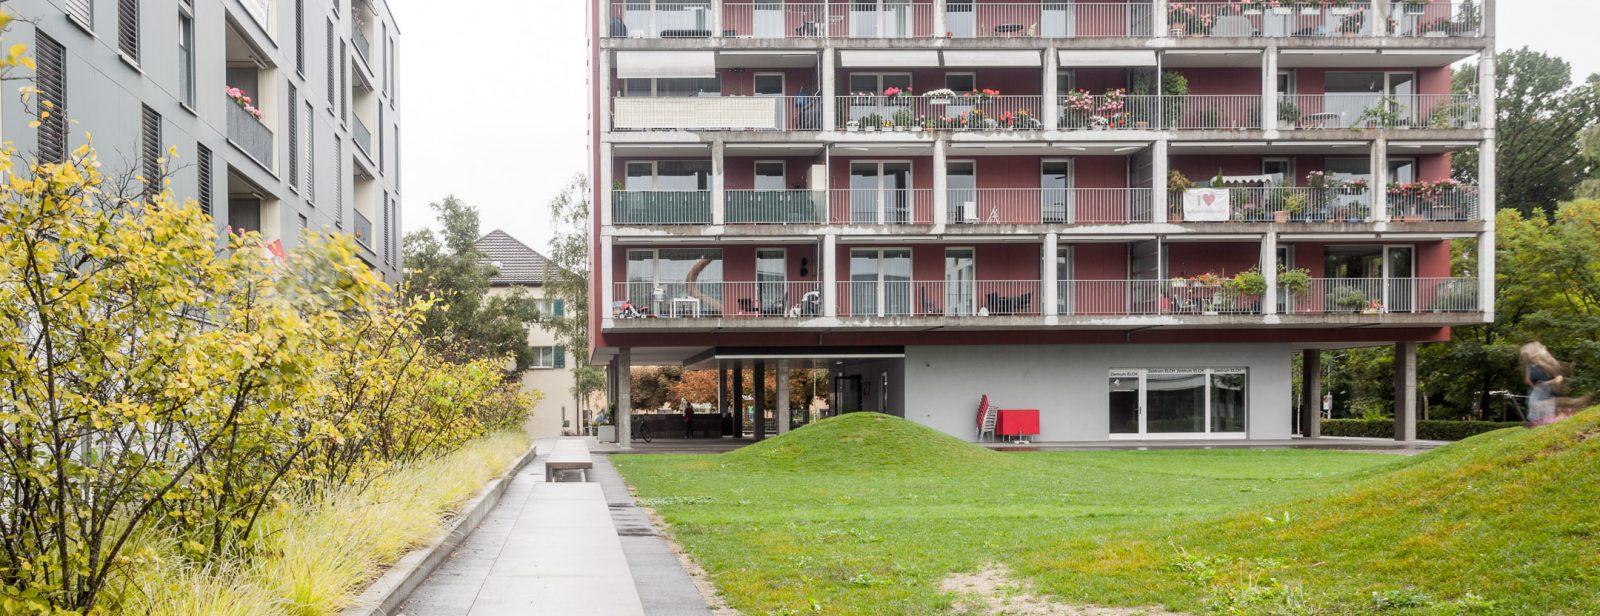 Wohnsiedlung Jasminweg II, Zürich